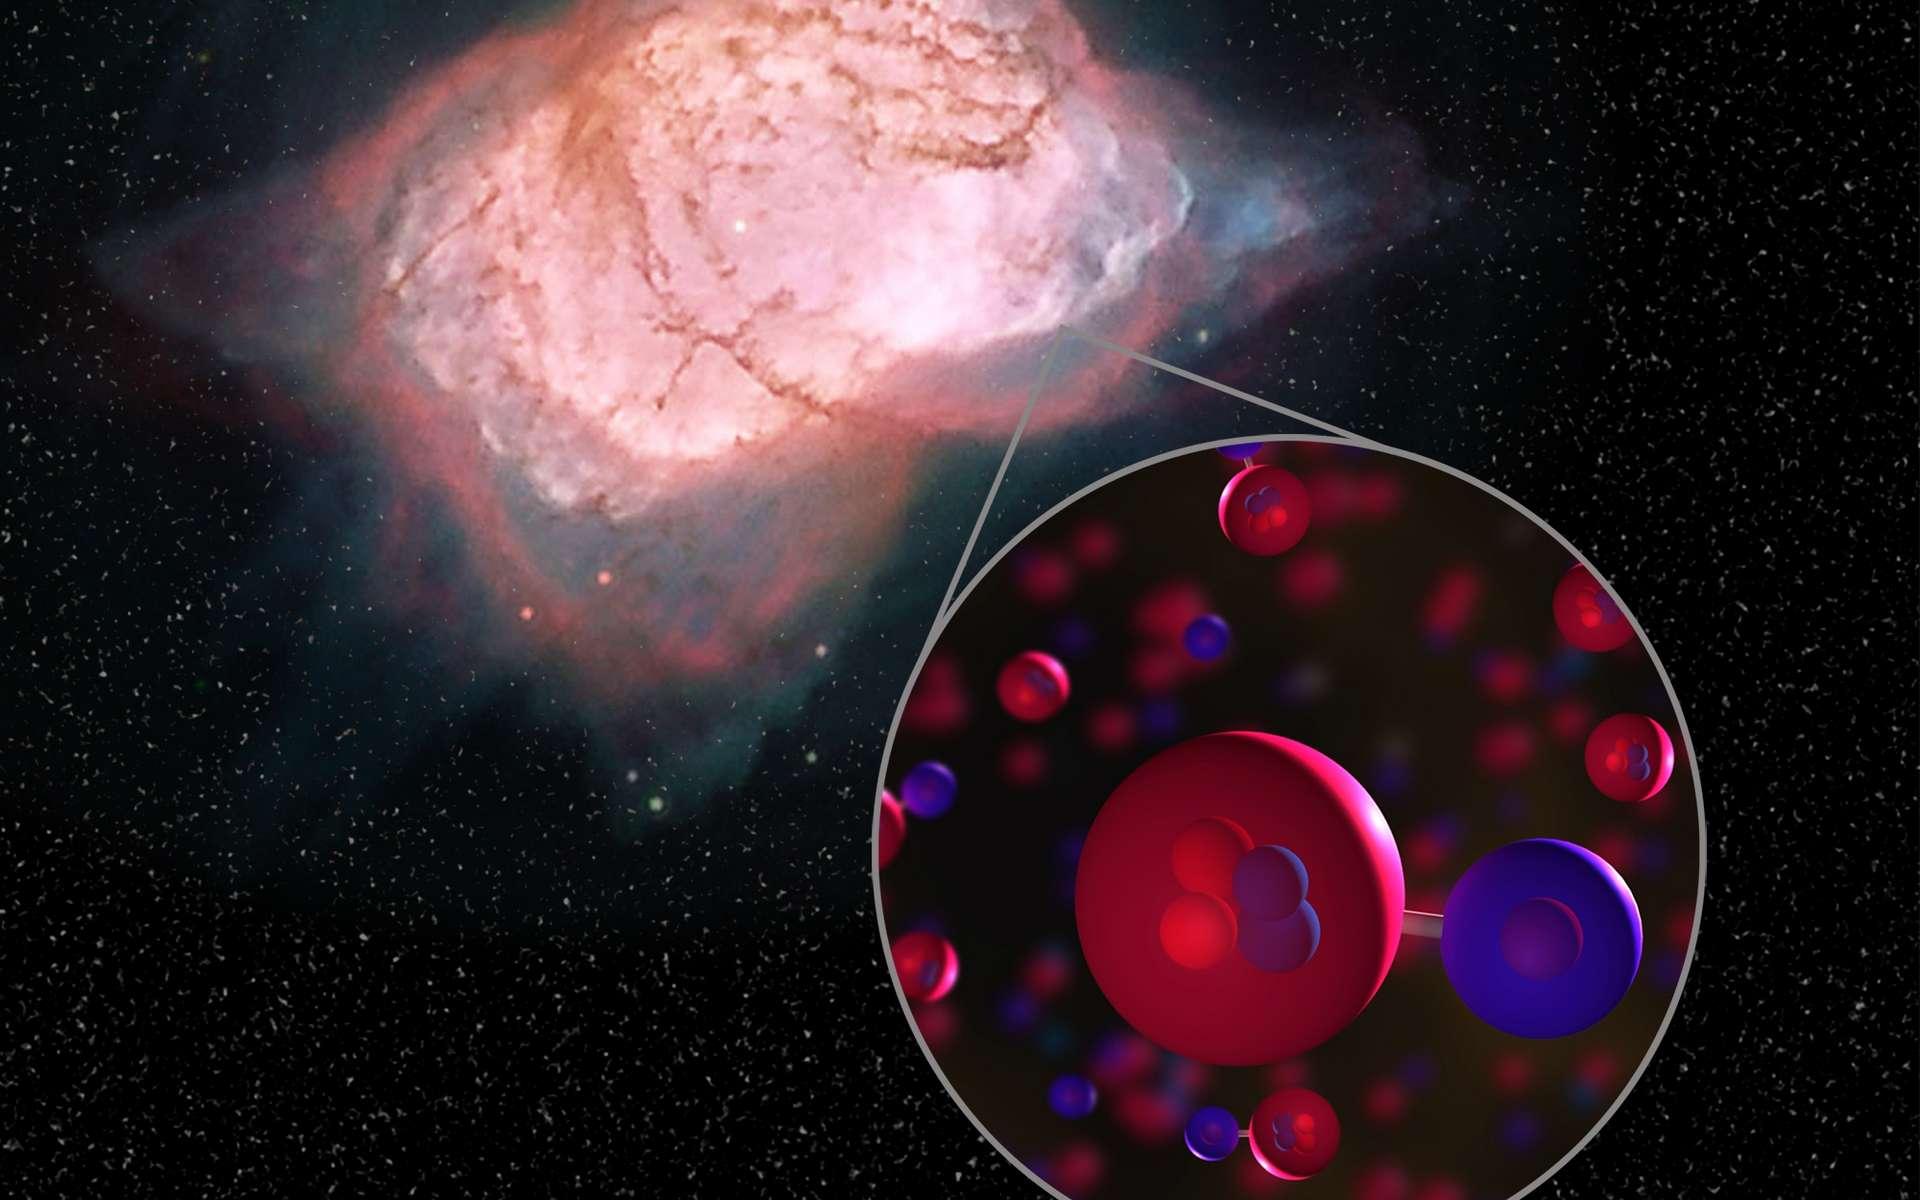 La première molécule à s'être formée après le Big Bang détectée dans l'espace